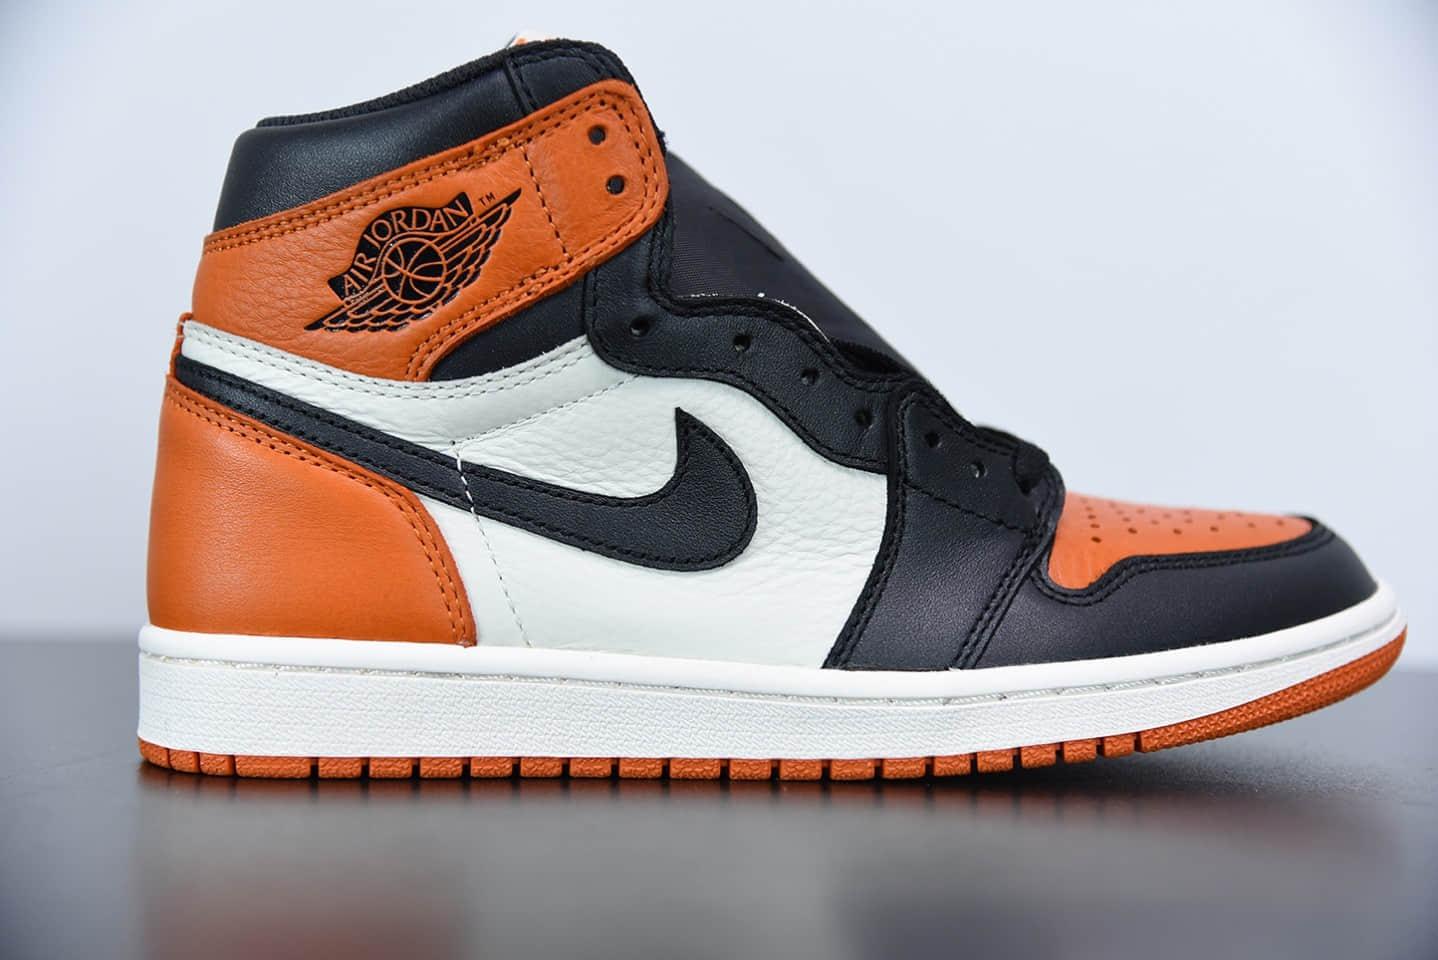 乔丹 Air Jordan 1 Satin Backboard黑橙扣碎丝绸高帮板鞋纯原版本 货号:AV3725-010